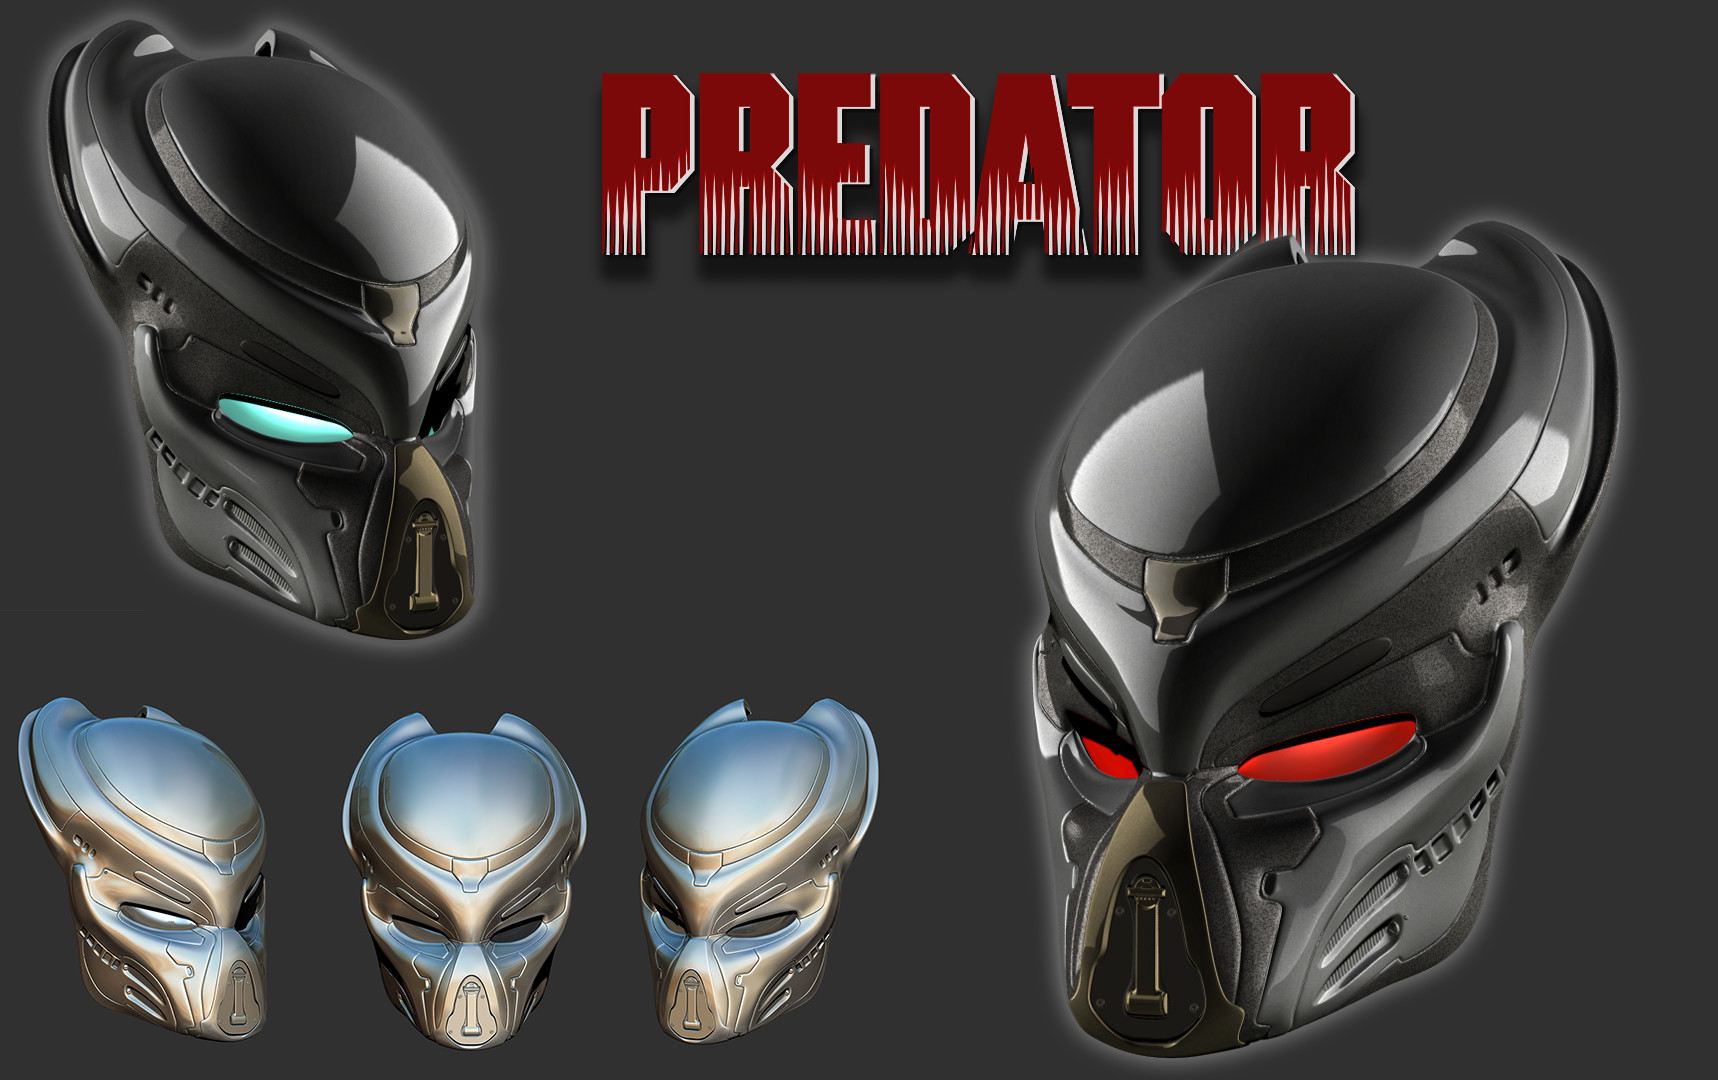 ArtStation - Fugitive Predator biomask, Marko Makaj